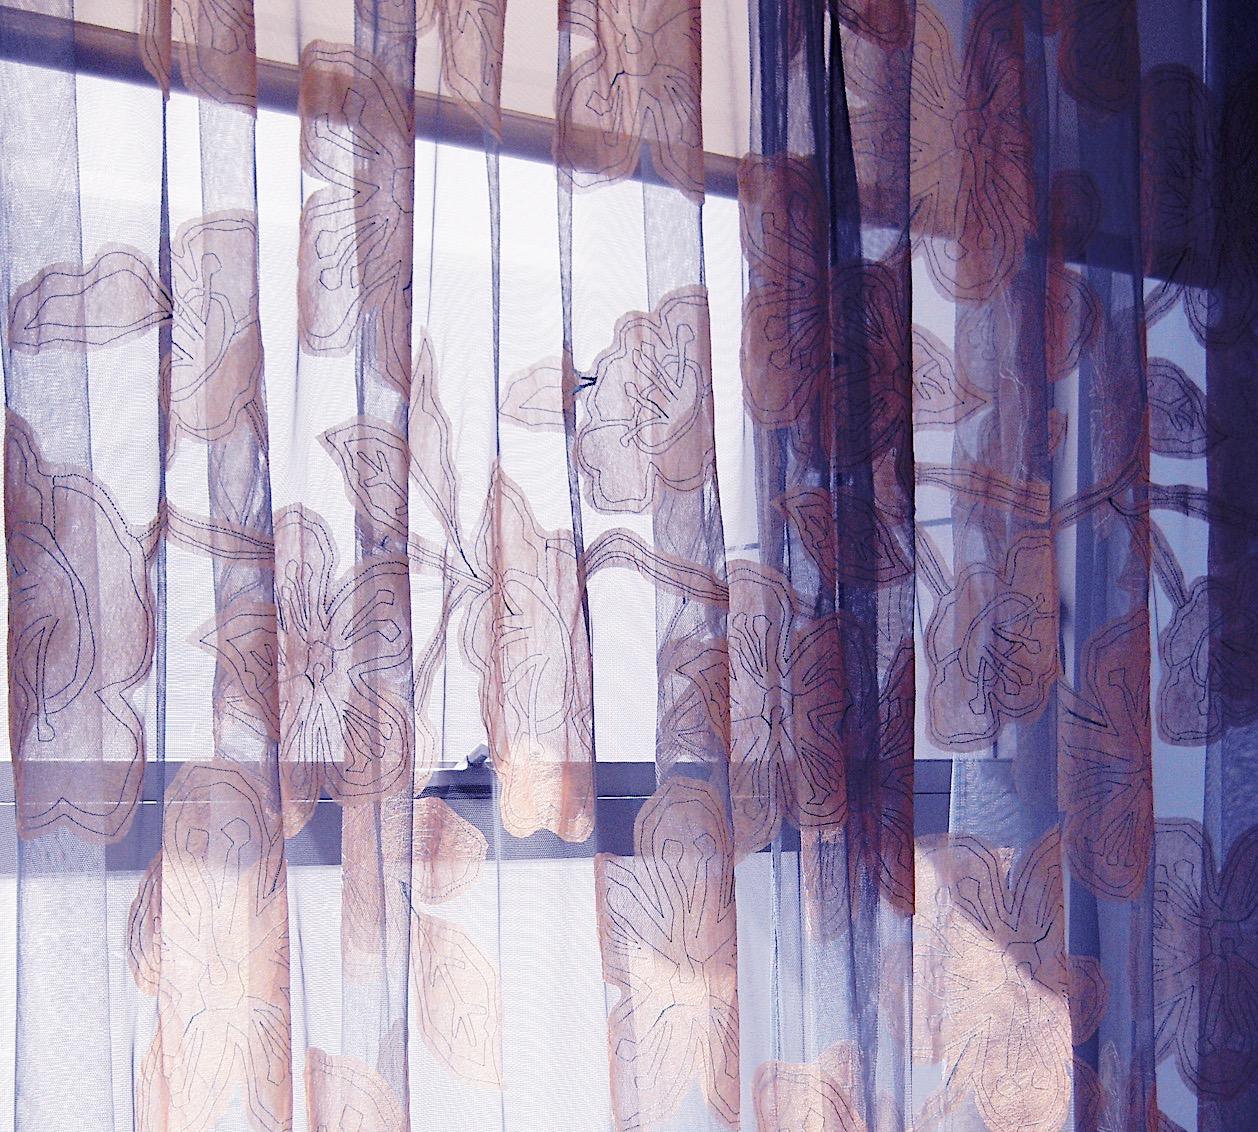 soho study curtain detail.jpg